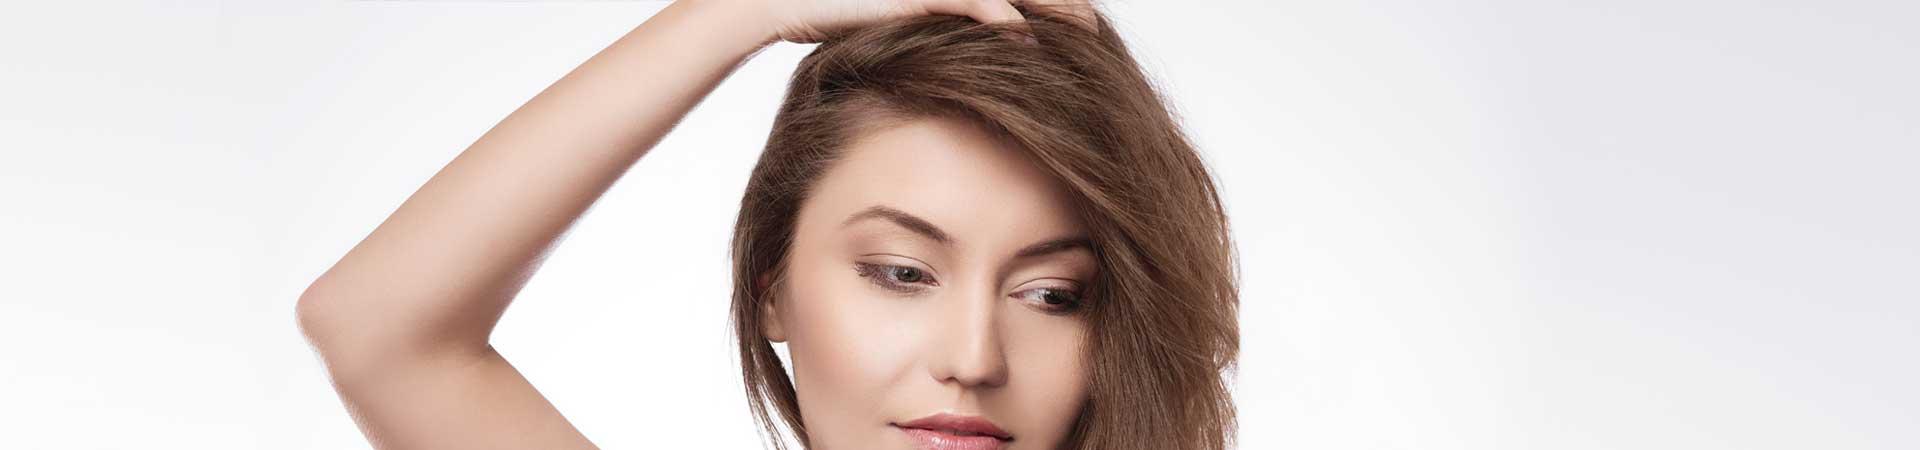 Haartransplantation für Frauen